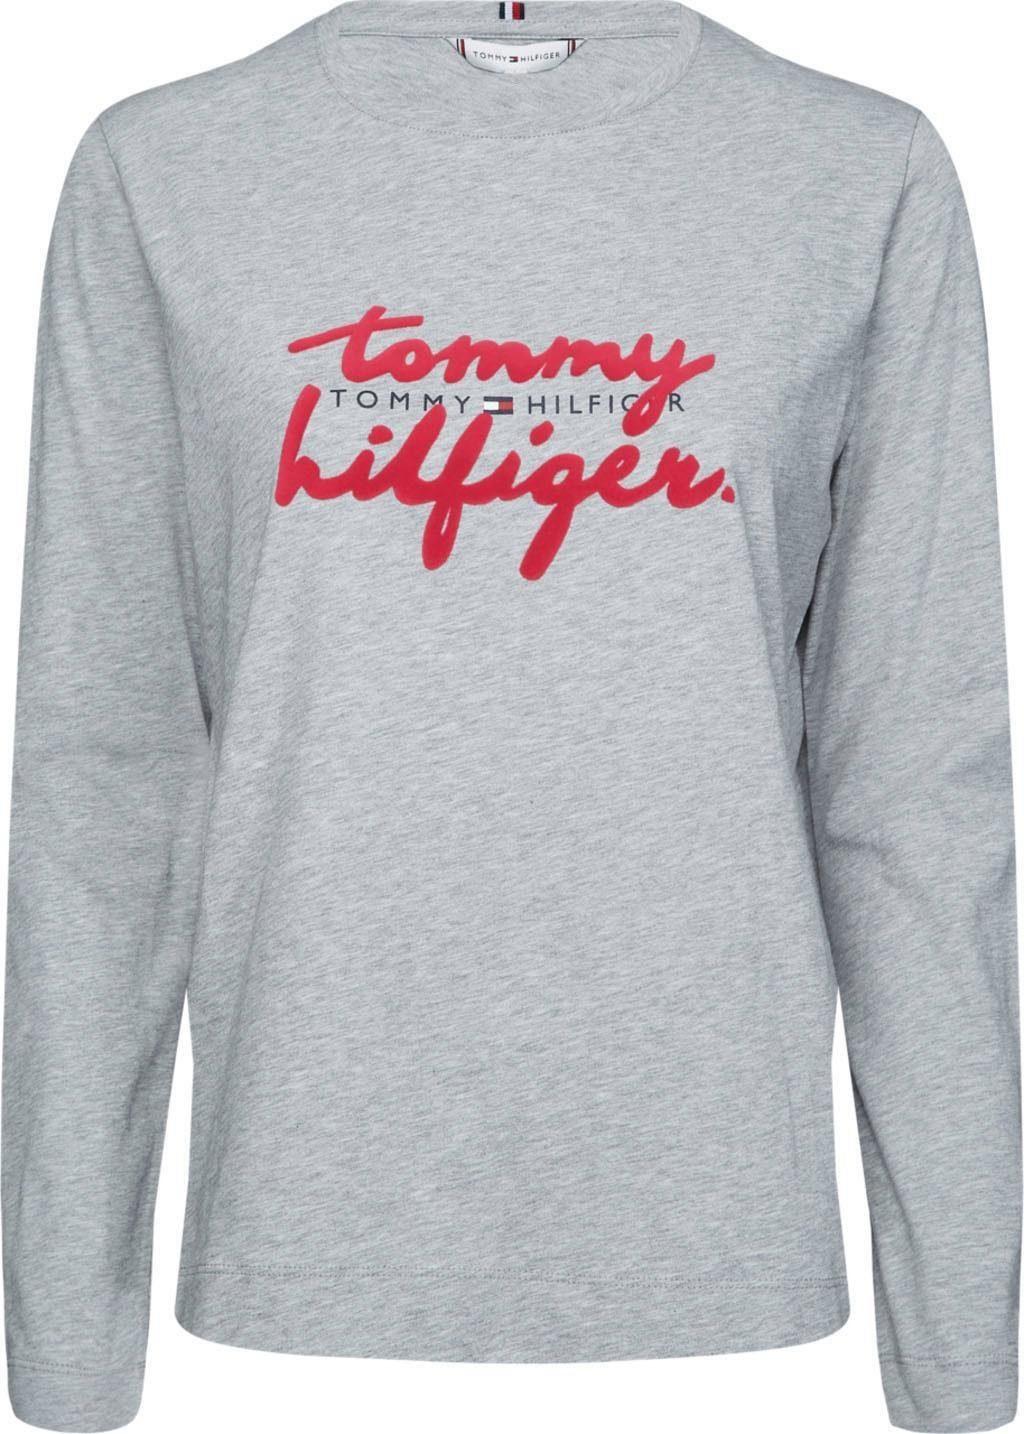 TOMMY HILFIGER Langarmshirt »ROMY C NK TEE LS« mit Tommy Hilfiger Logo Stickerei & Applikation online kaufen | OTTO